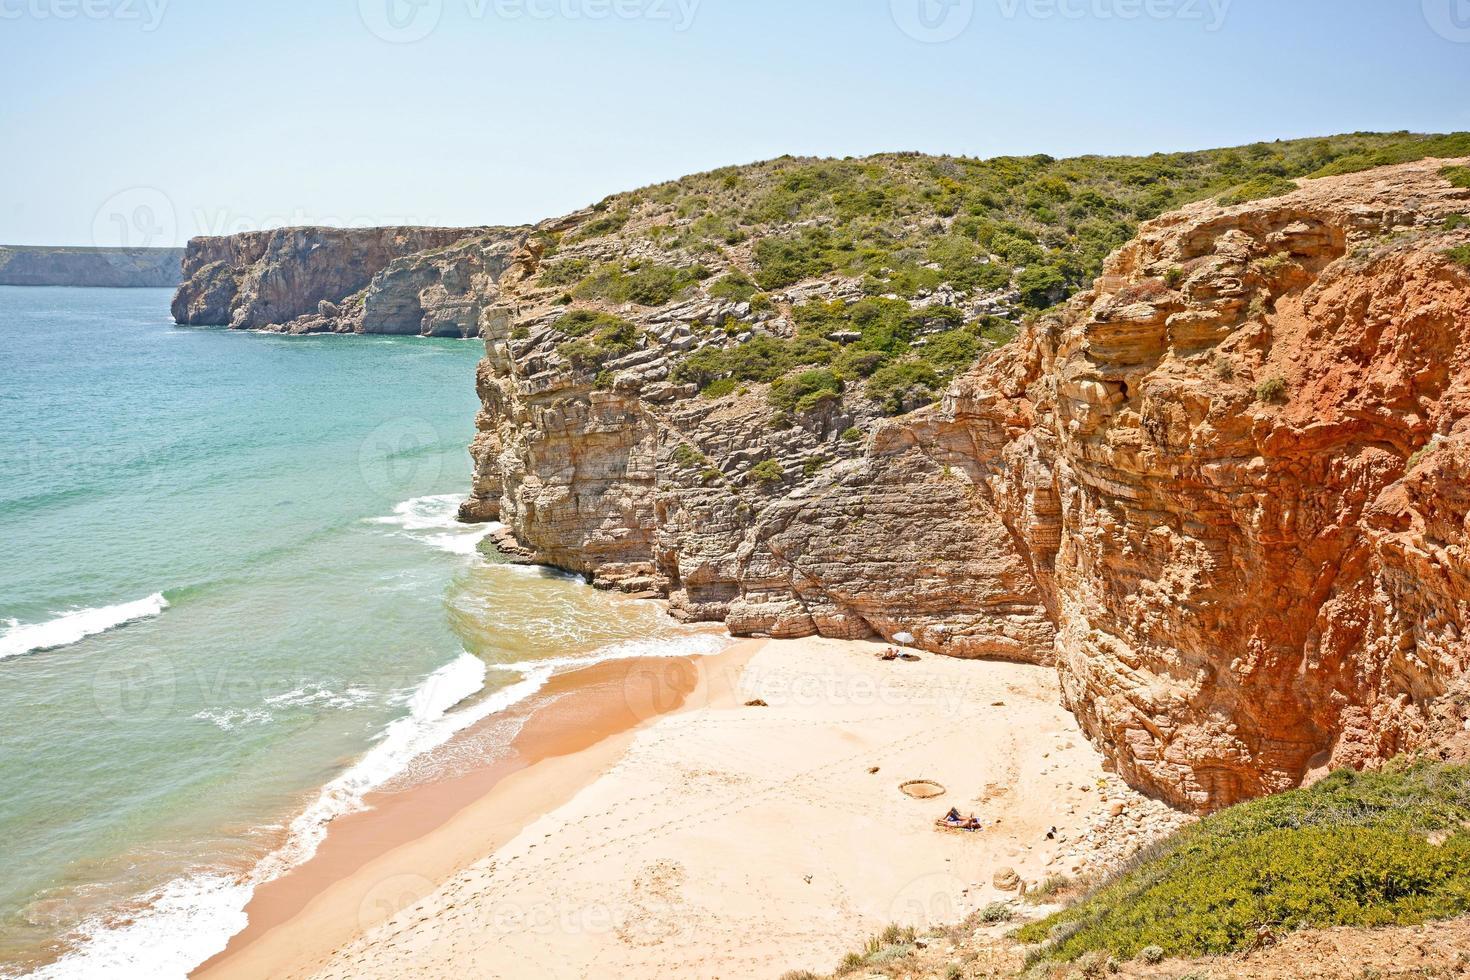 praia do beliche, spiaggia vicino a cabo sao vicente, algarve portogallo foto